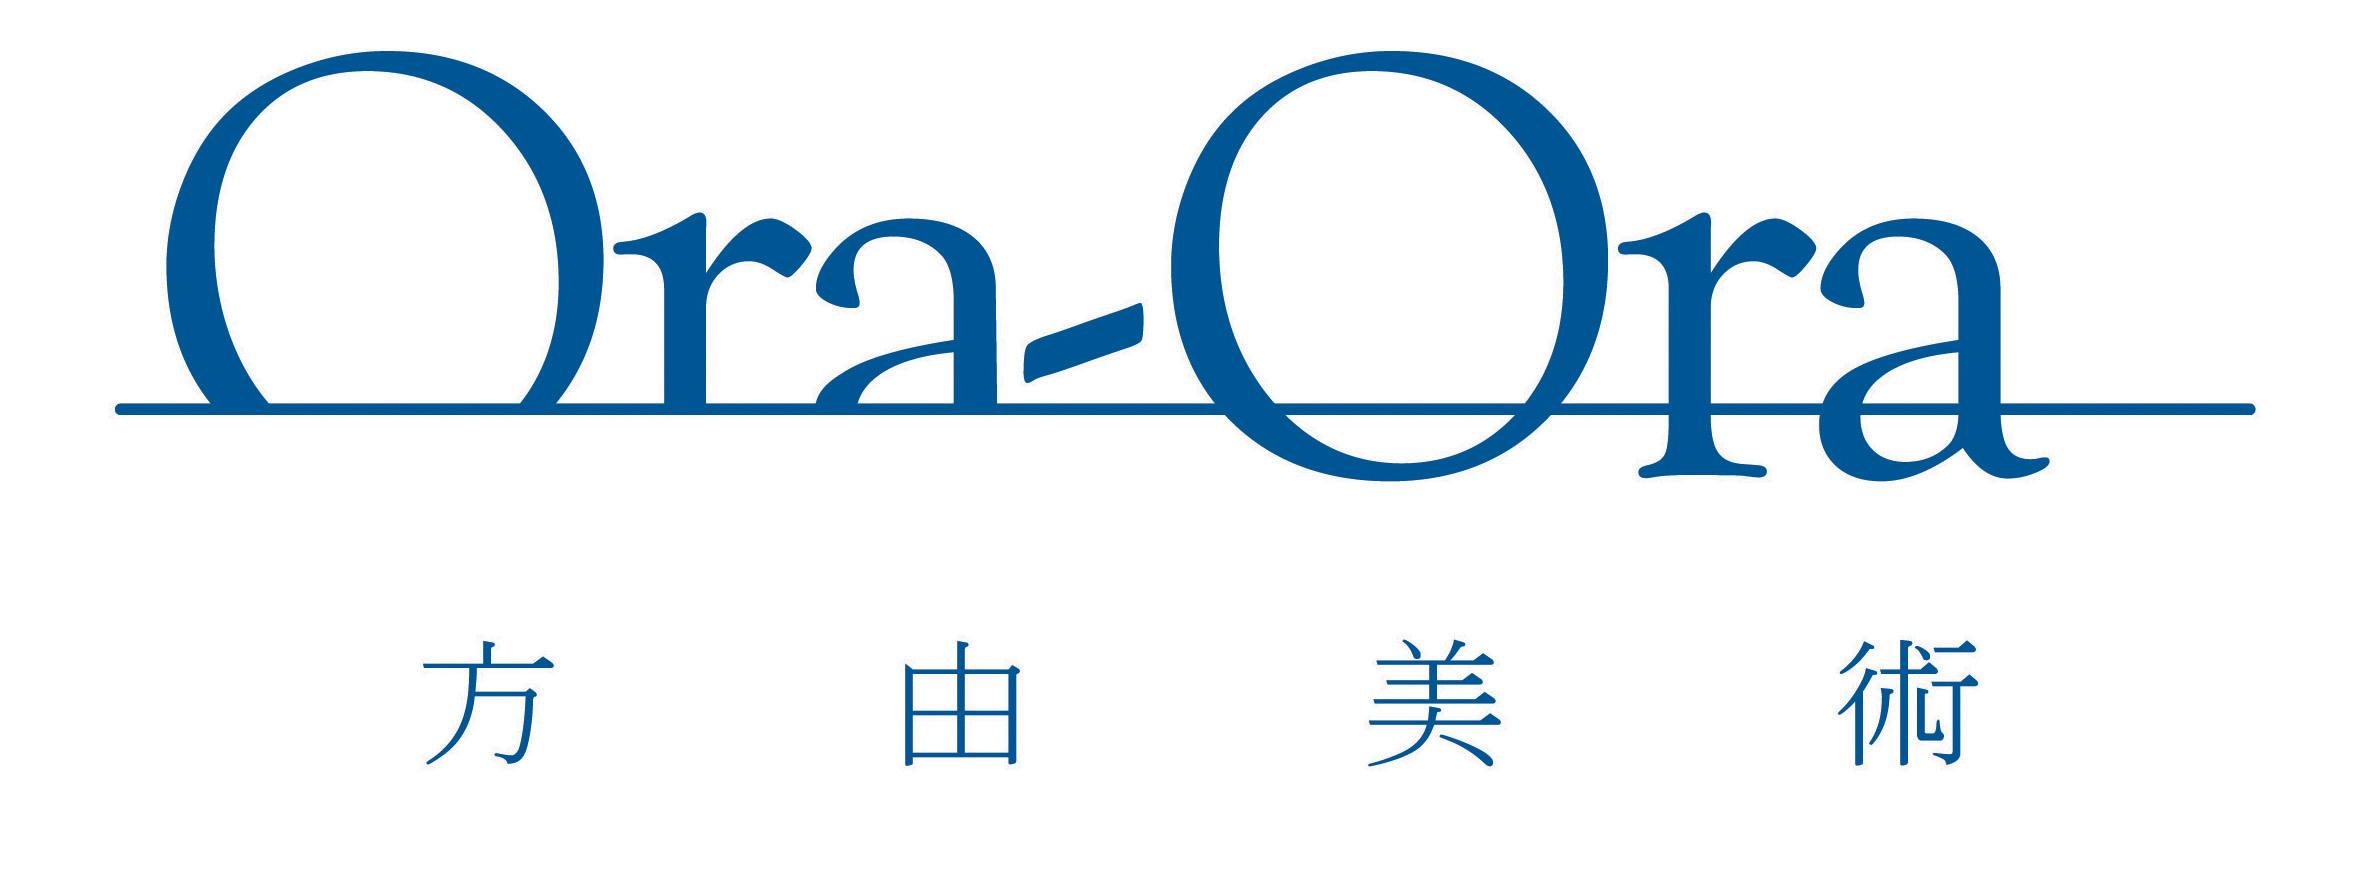 Gallery Officer - Galerie Ora-Ora